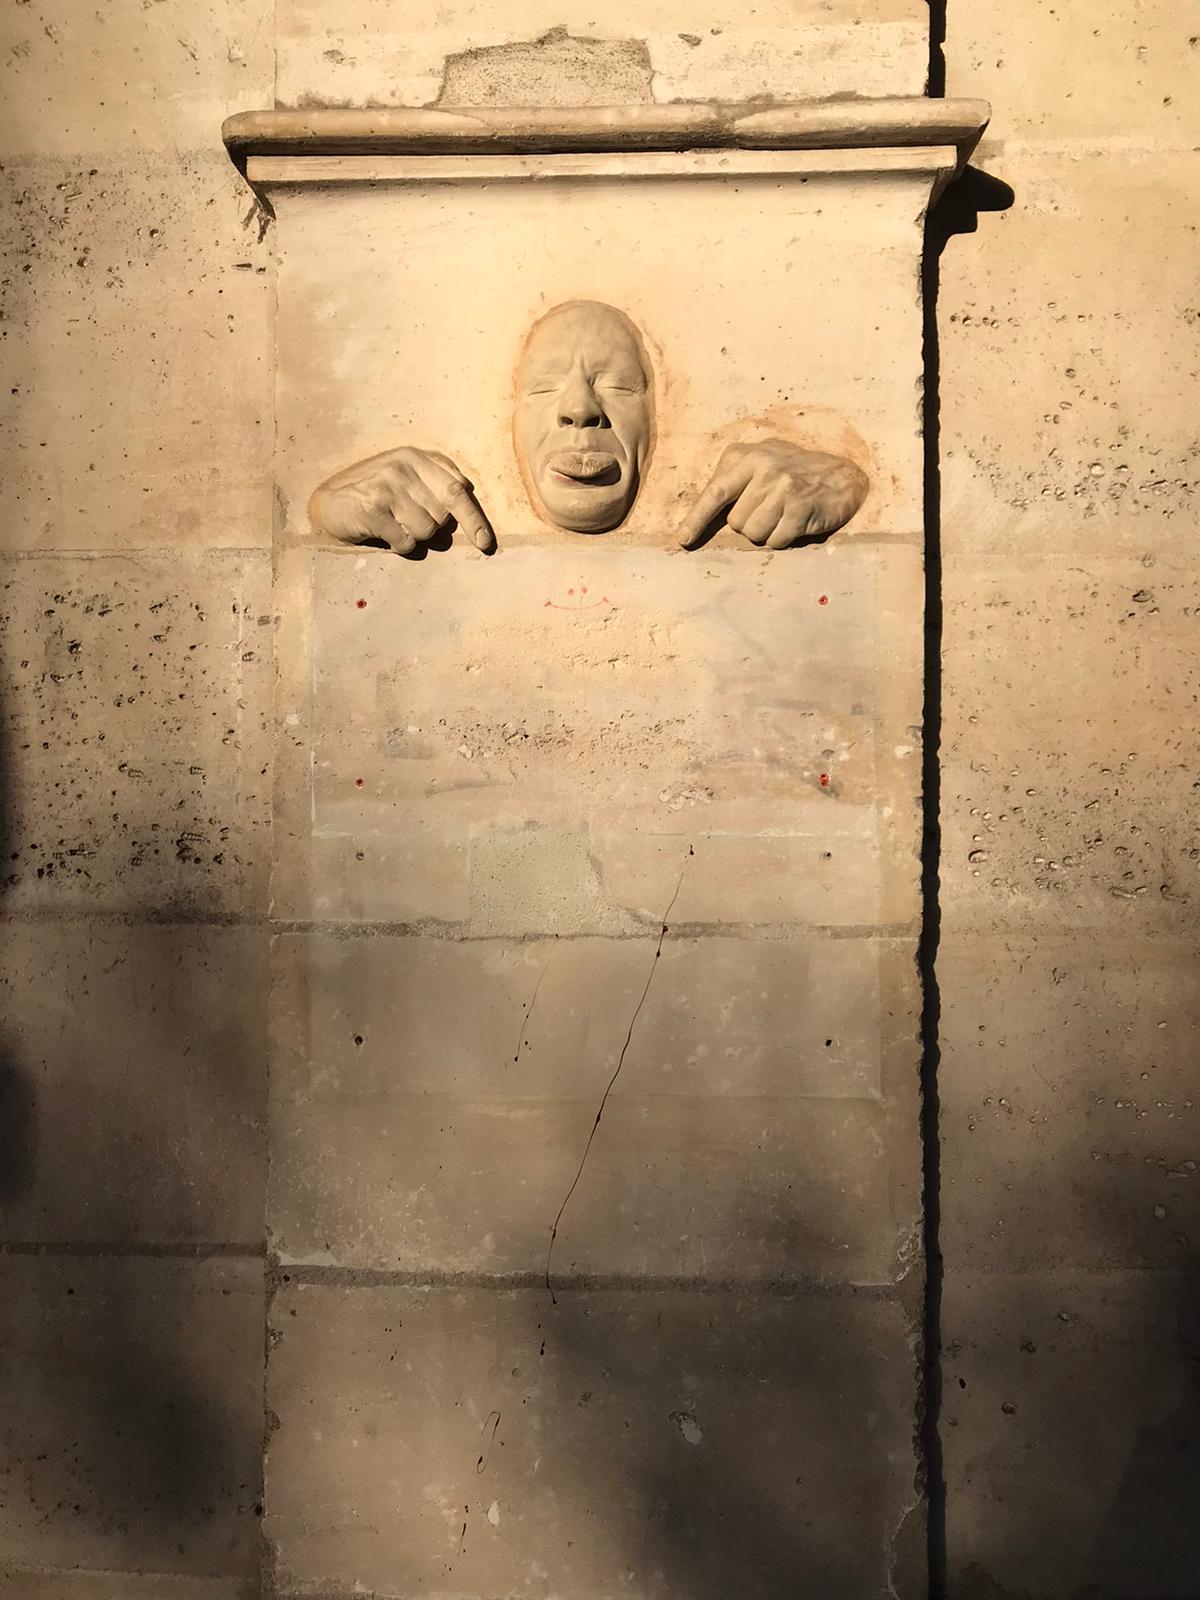 Ein Skulptur in einer Hauswand. Zwei Hände zeigen nach unten auf den Gehweg